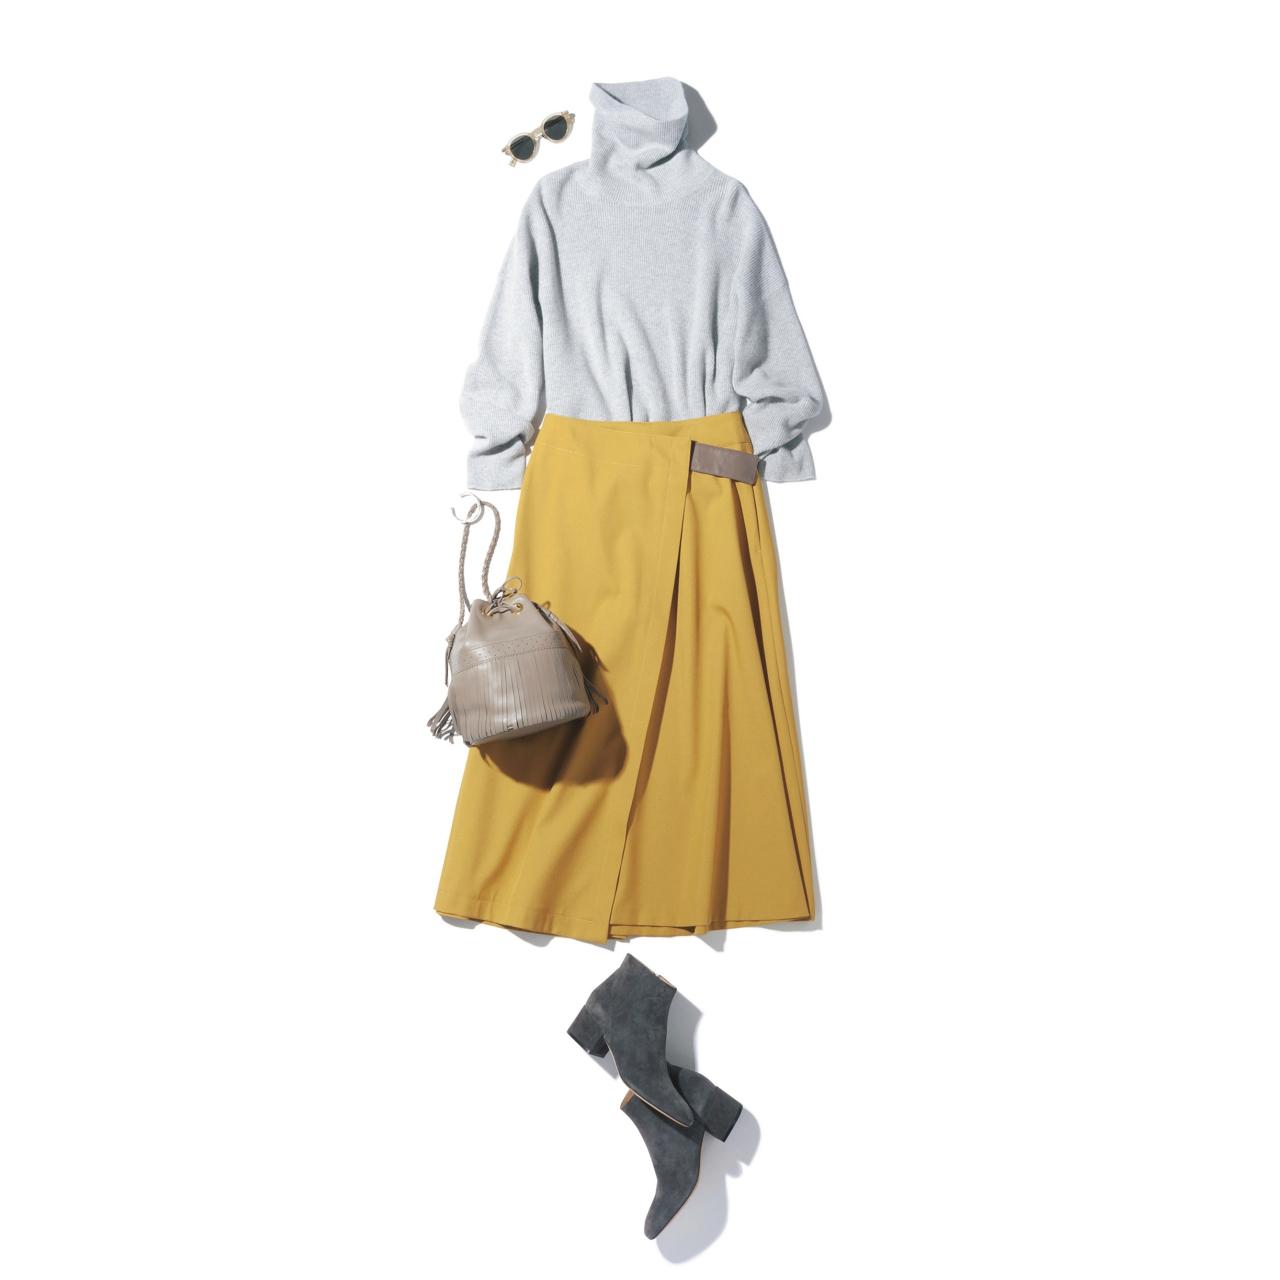 グレーニット×イエロースカートのファッションコーデ